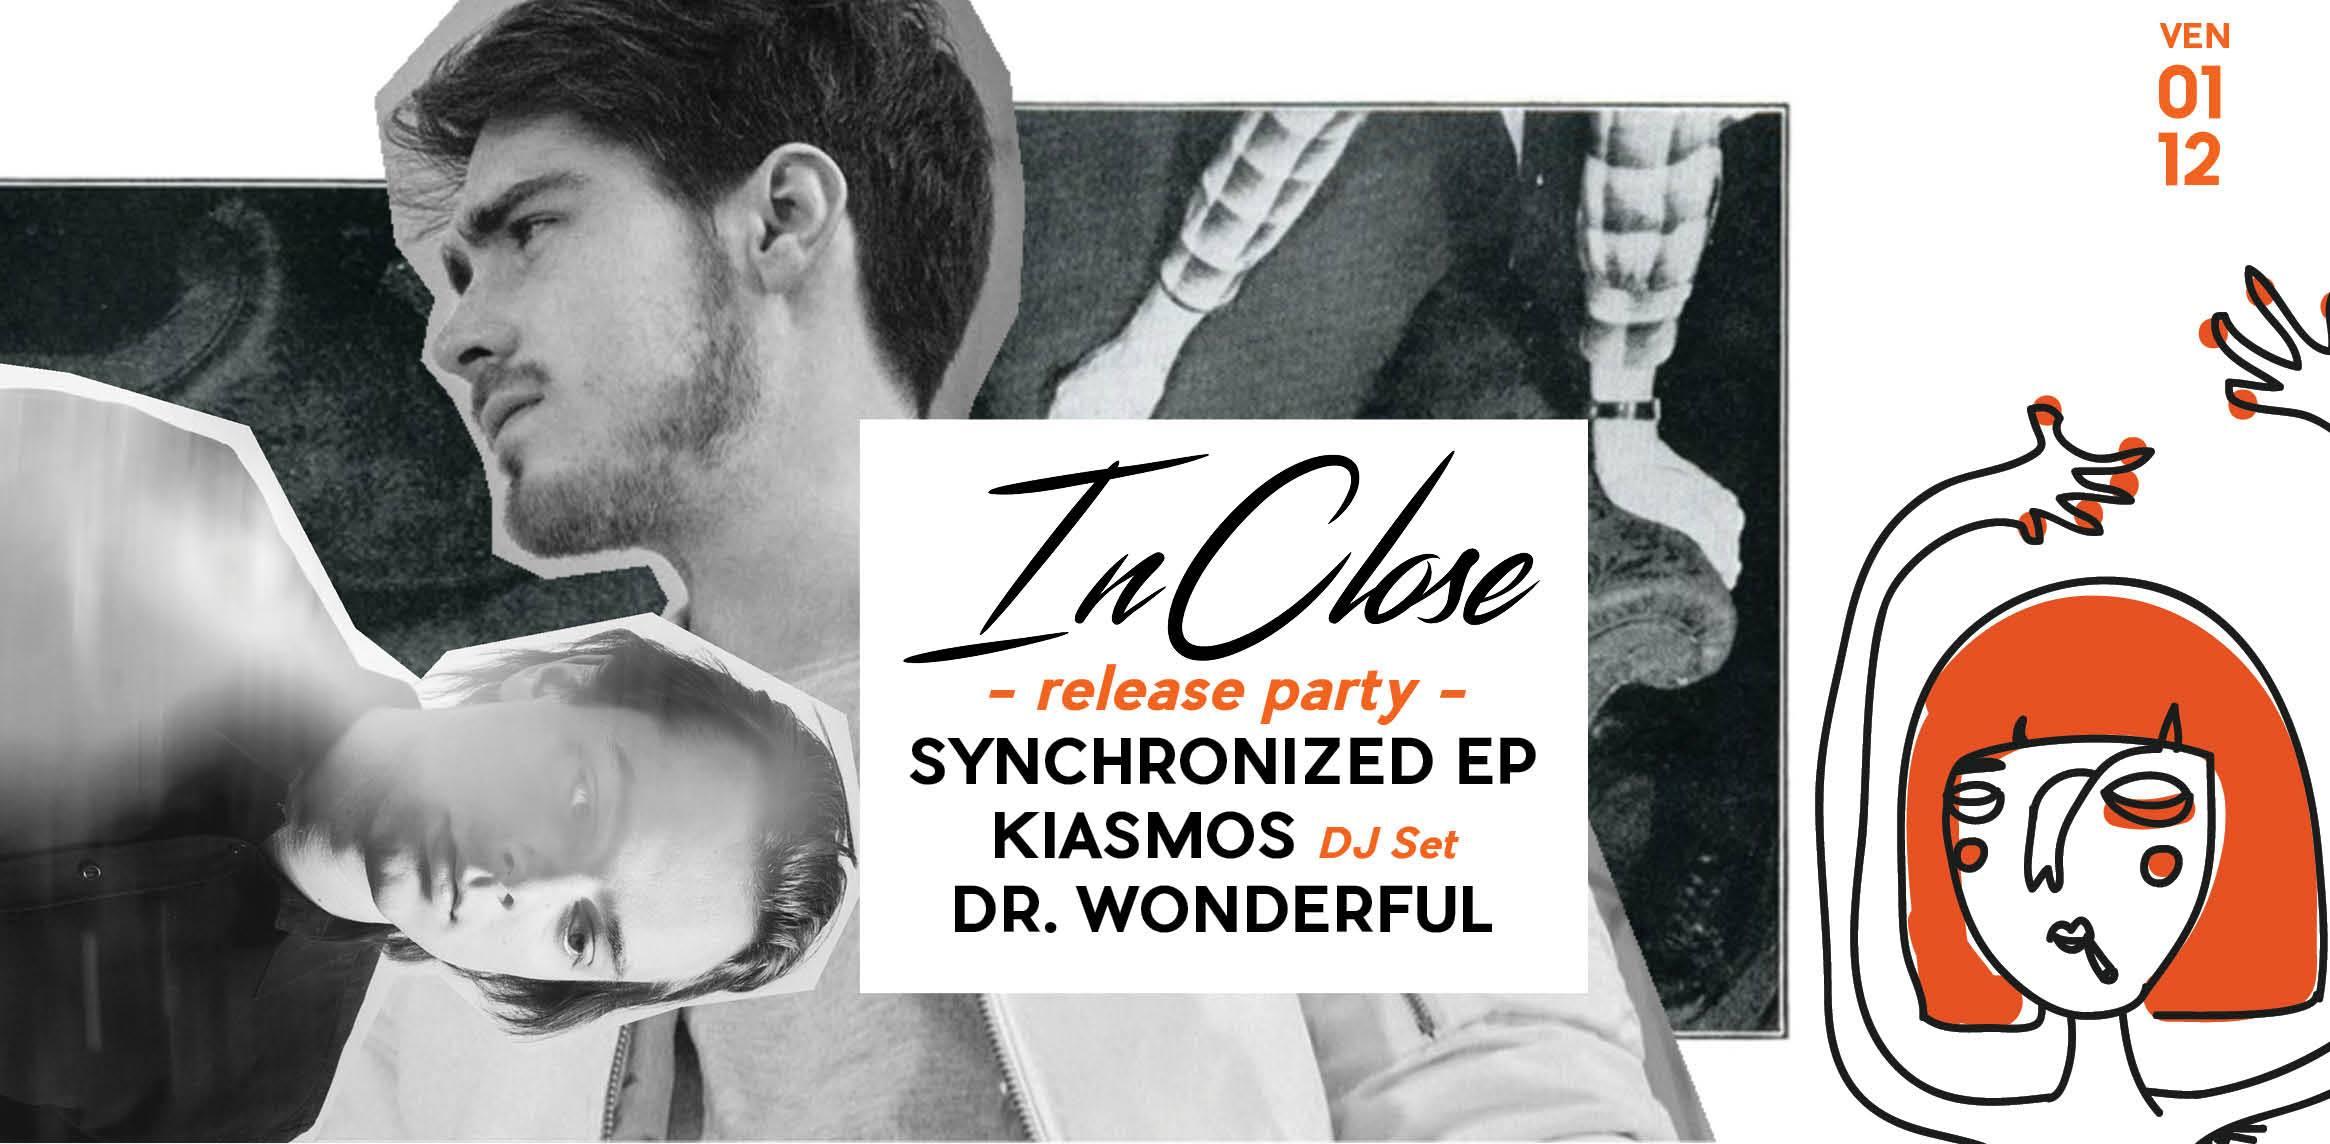 Club/ InClose release w/ Kiasmos (DJ) & Dr Wonderful